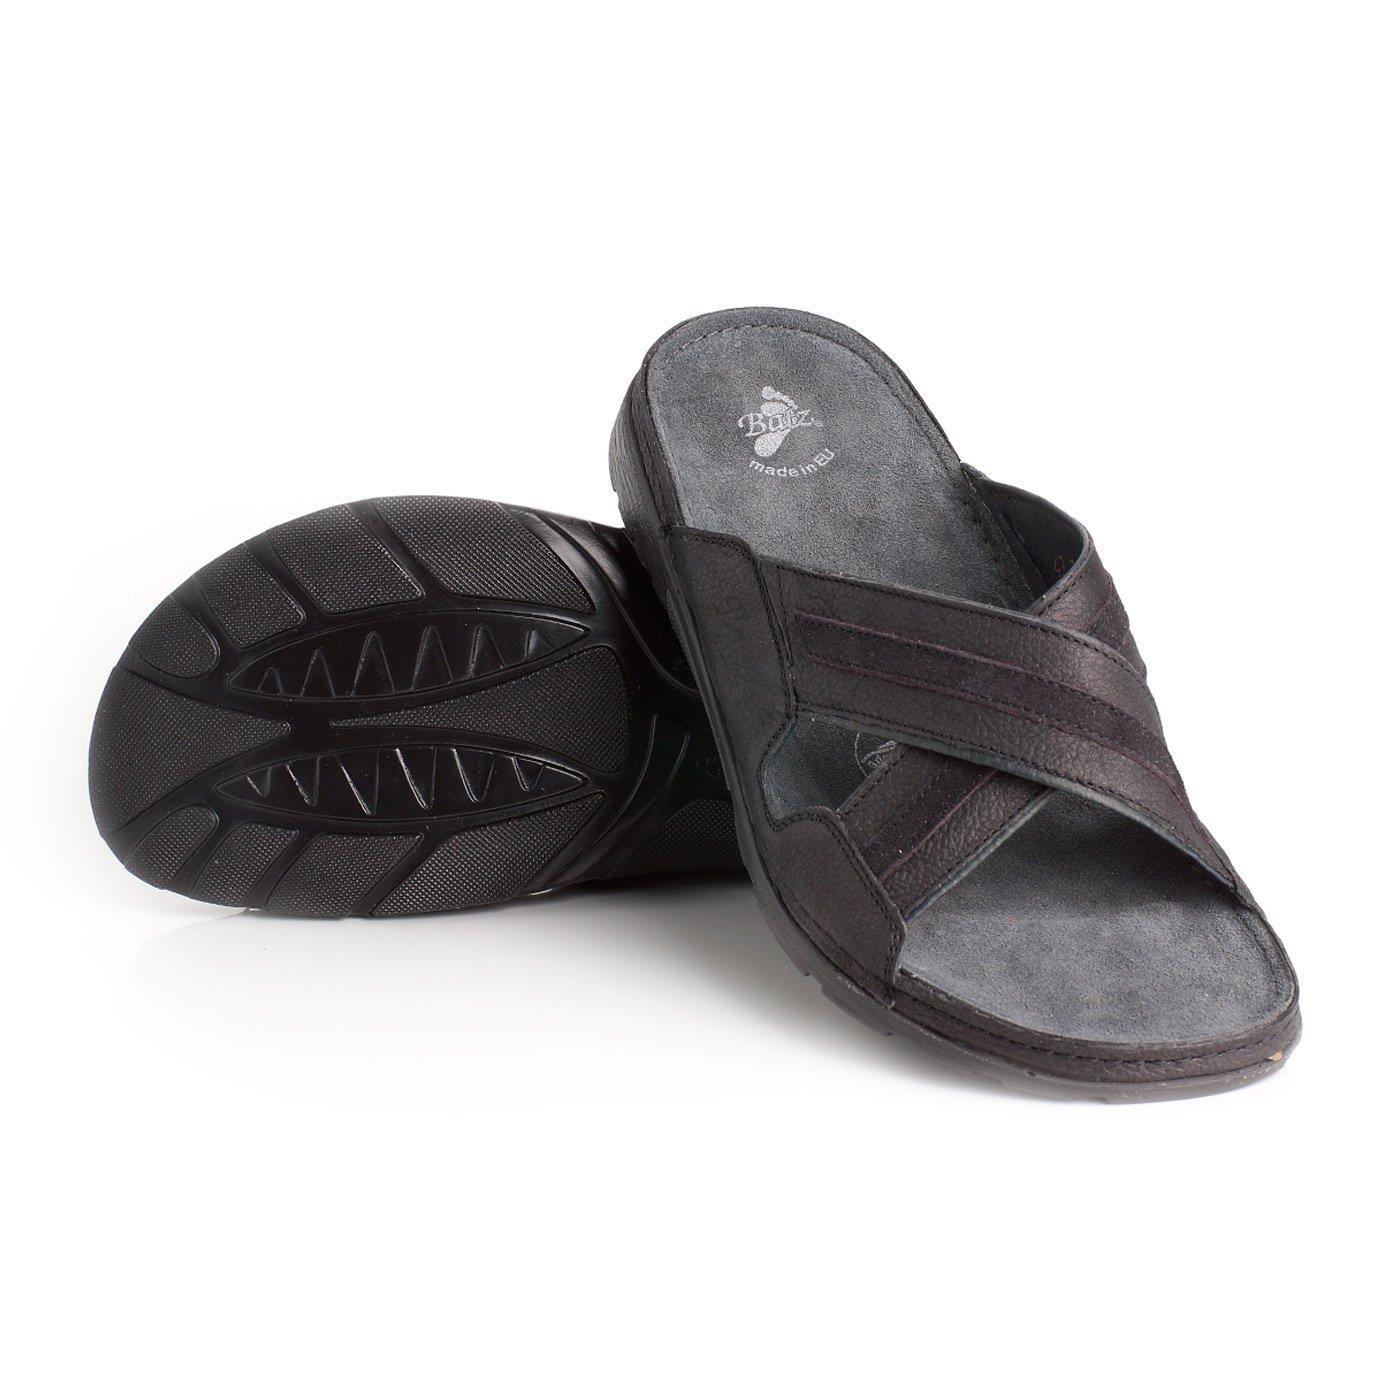 Batz pánské zdravotní pantofle Alex Black 43